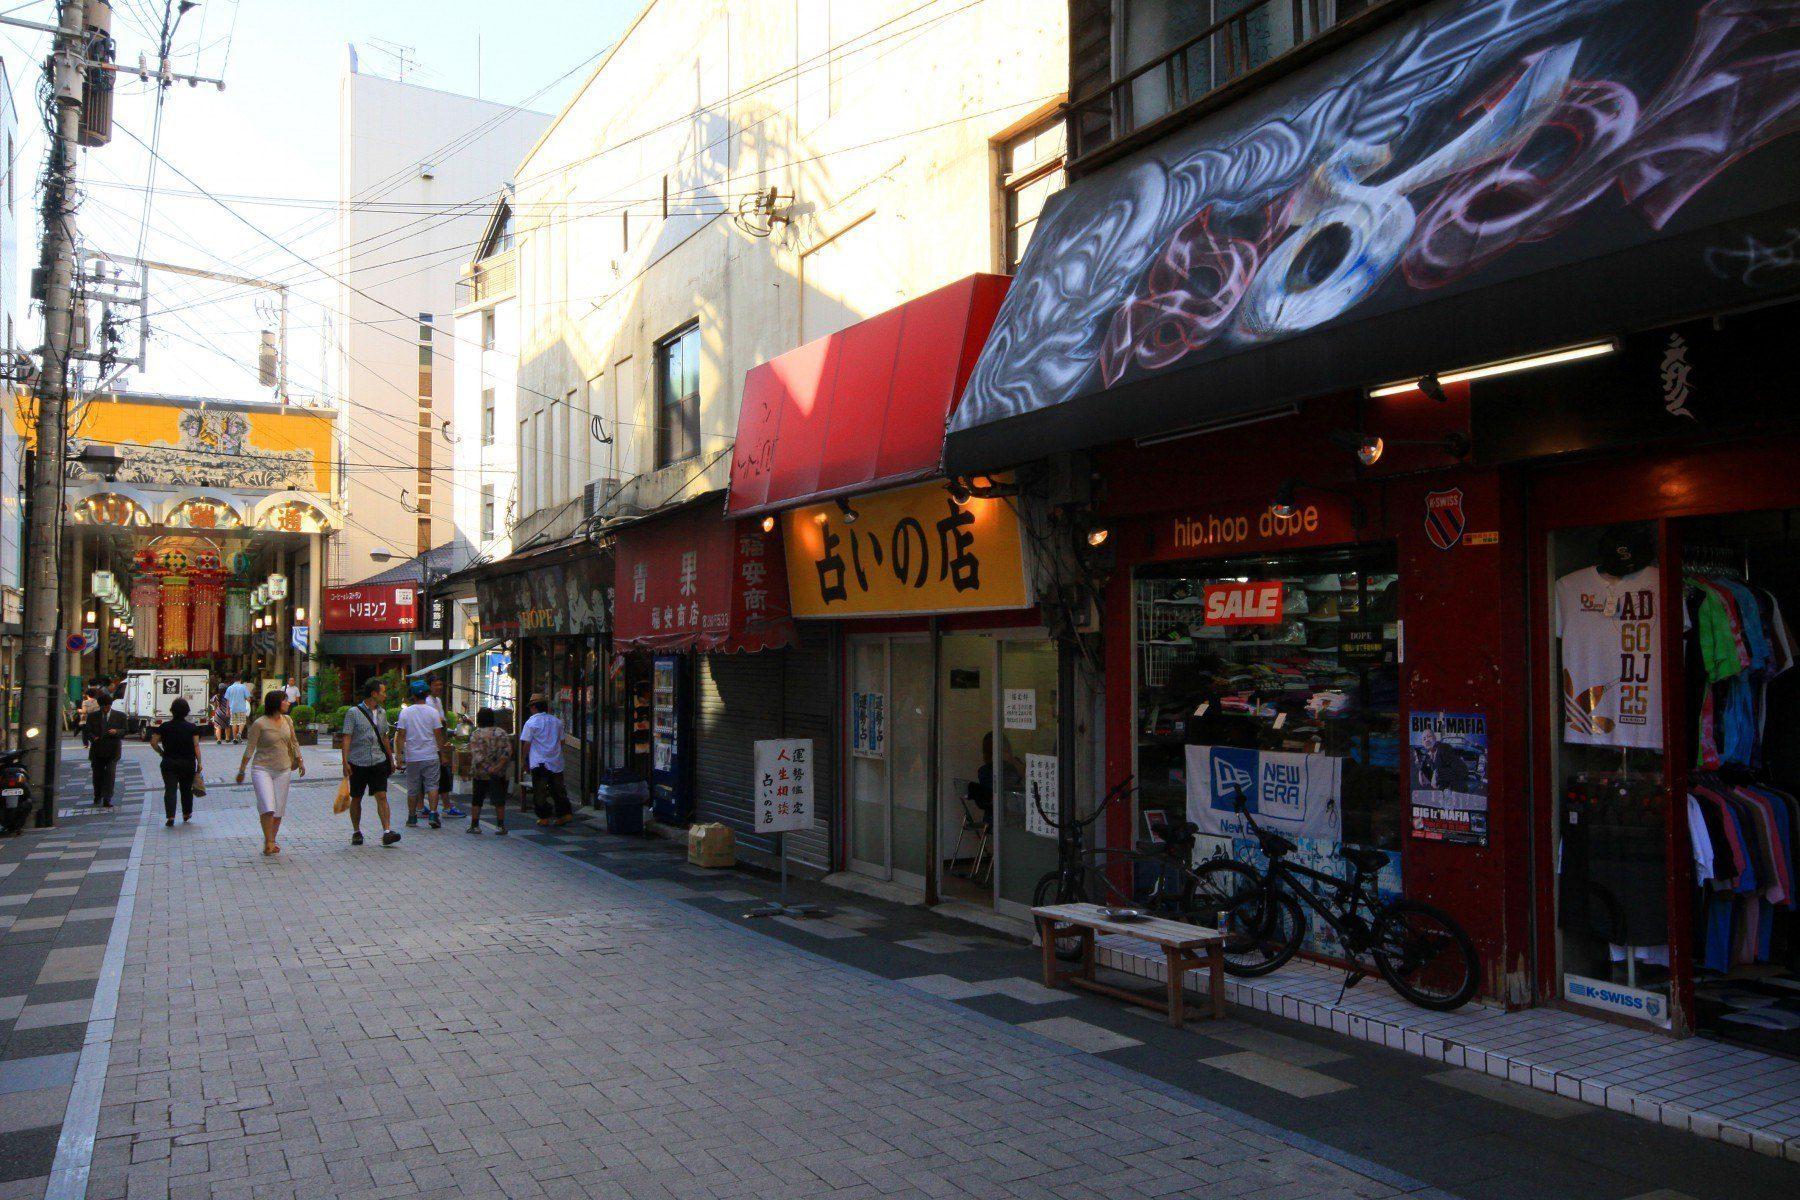 나카스카와바타 일대(2009)의 이미지